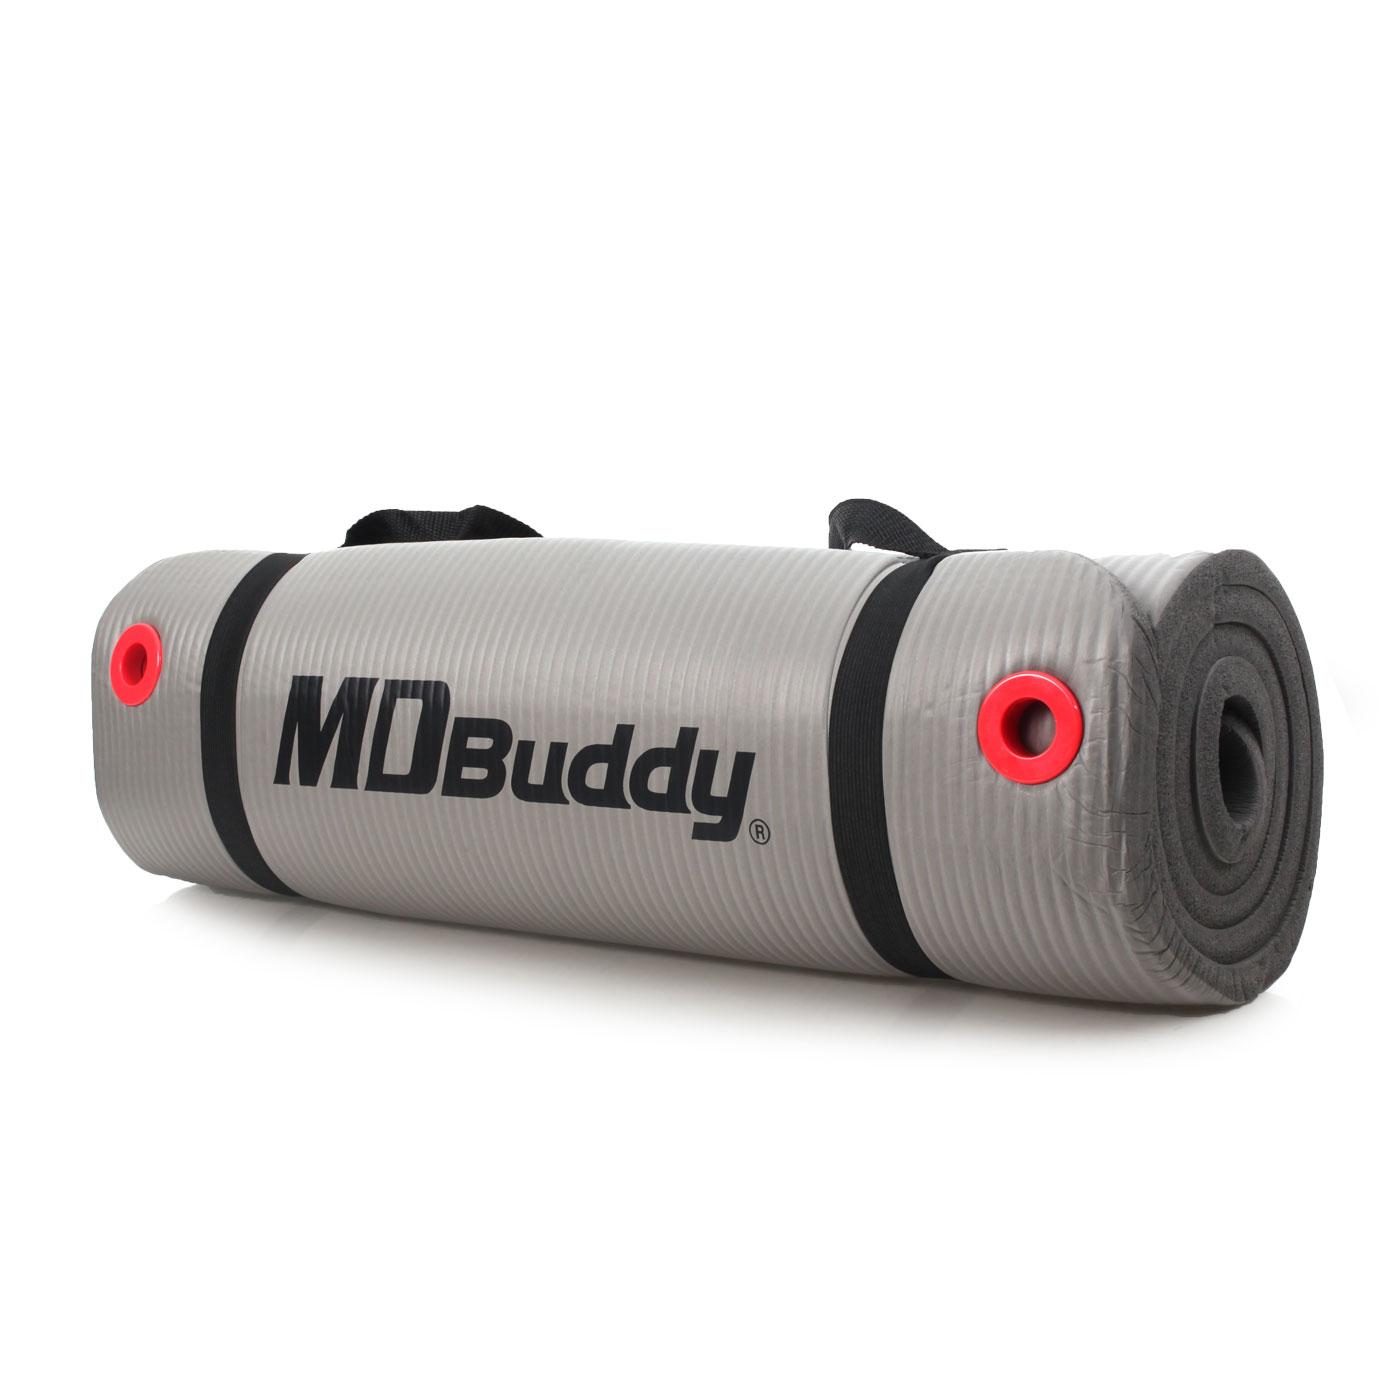 MDBuddy NBR紅色扣眼瑜珈墊 6012201 - 隨機